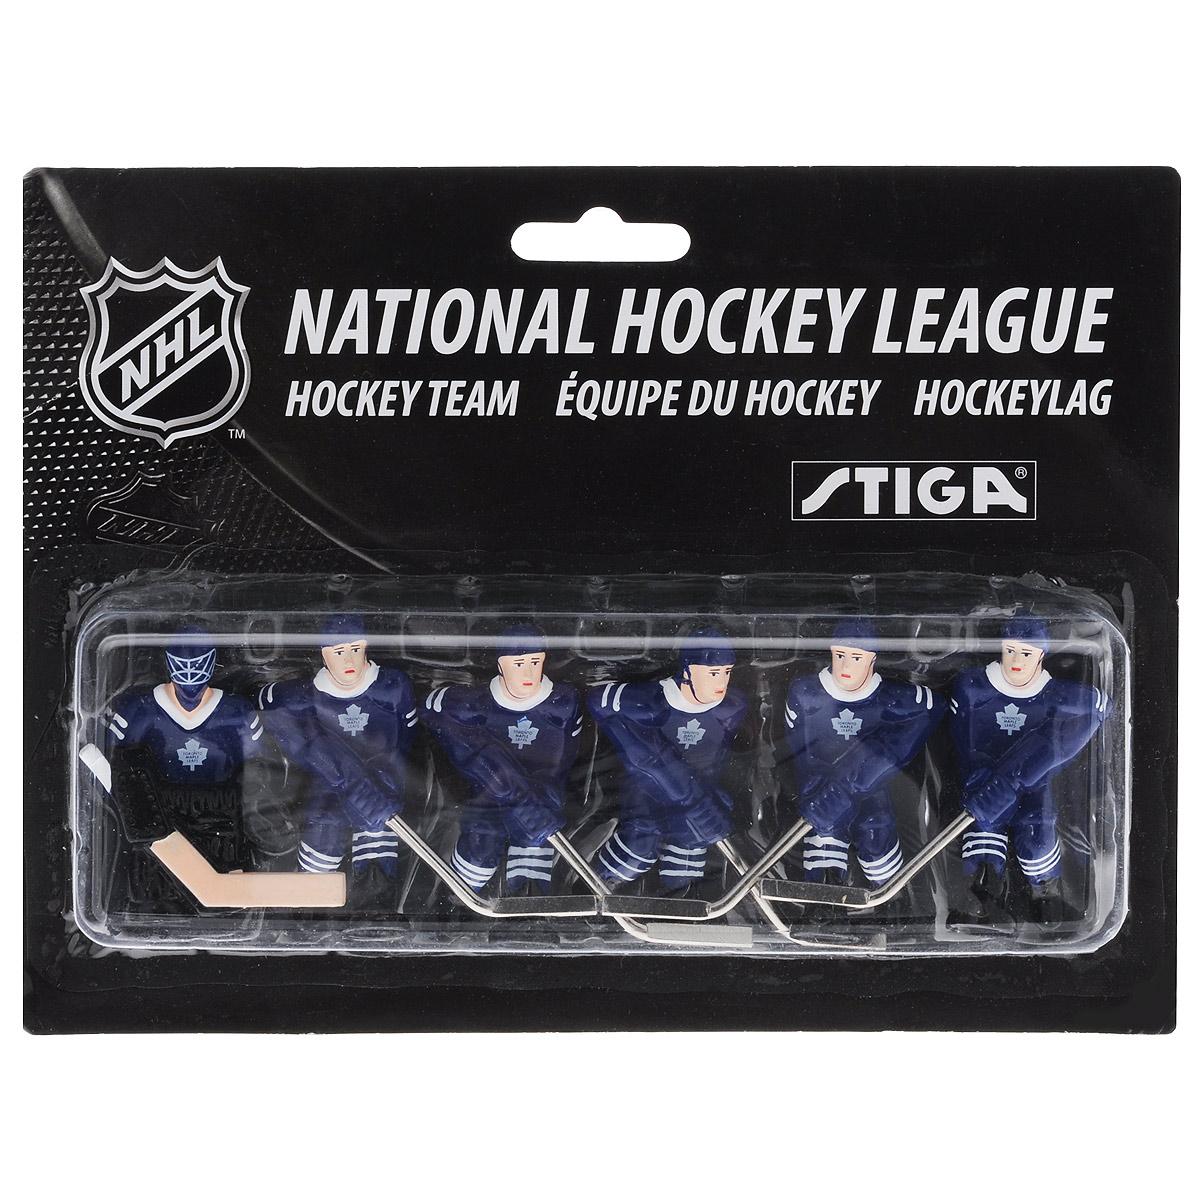 Команда игроков Stiga Toronto Maple Leafs, для настольного хоккеяHC-9090-19Команда игроков Stiga Toronto Maple Leafs включает 6 фигурок хоккеистов. Фигурки предназначены для игры в настольный хоккей. Оснащены специальными отверстиями для крепления. Команда имеет раскраску формы, аналогичную настоящей команде NHL Toronto Maple Leafs. Игроки имеют отличную детализацию и раскрашены вручную. В команде: вратарь, 2 леворуких и 3 праворуких хоккеиста. Теперь вы можете сыграть в настольный хоккей за команду Toronto Maple Leafs. Игроки предназначены для хоккея Stiga NHL Stanley Cup. Однако, несмотря на некоторые отличия, они также без проблем подойдут для Stiga Play Off и Stiga High Speed. Высота фигурки: 6 см. Количество фигурок: 6 шт.